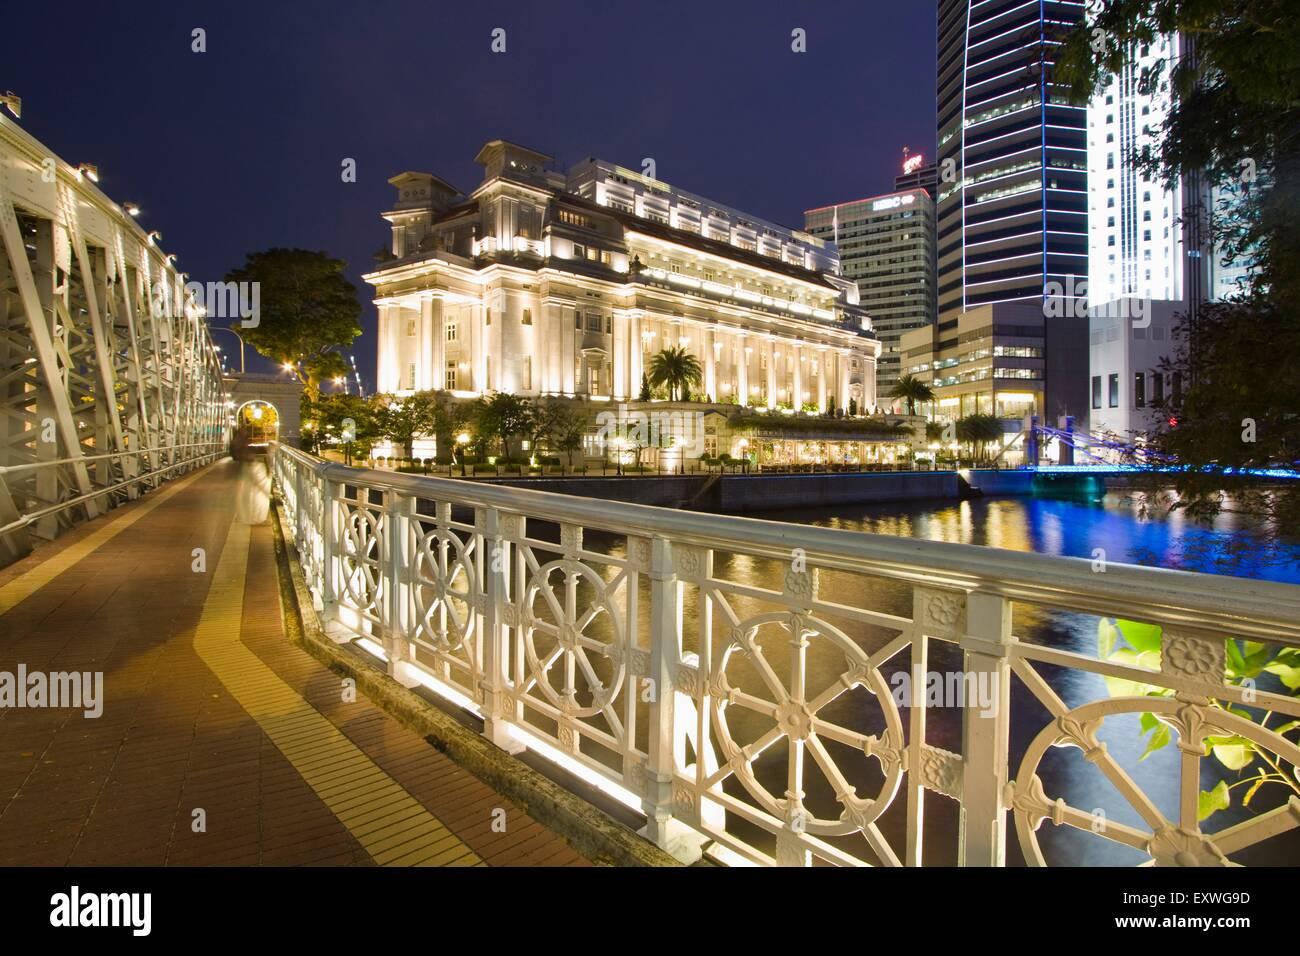 Cavenagh Bridge and Fullerton Hotel, Singapore, Asia - Stock Image